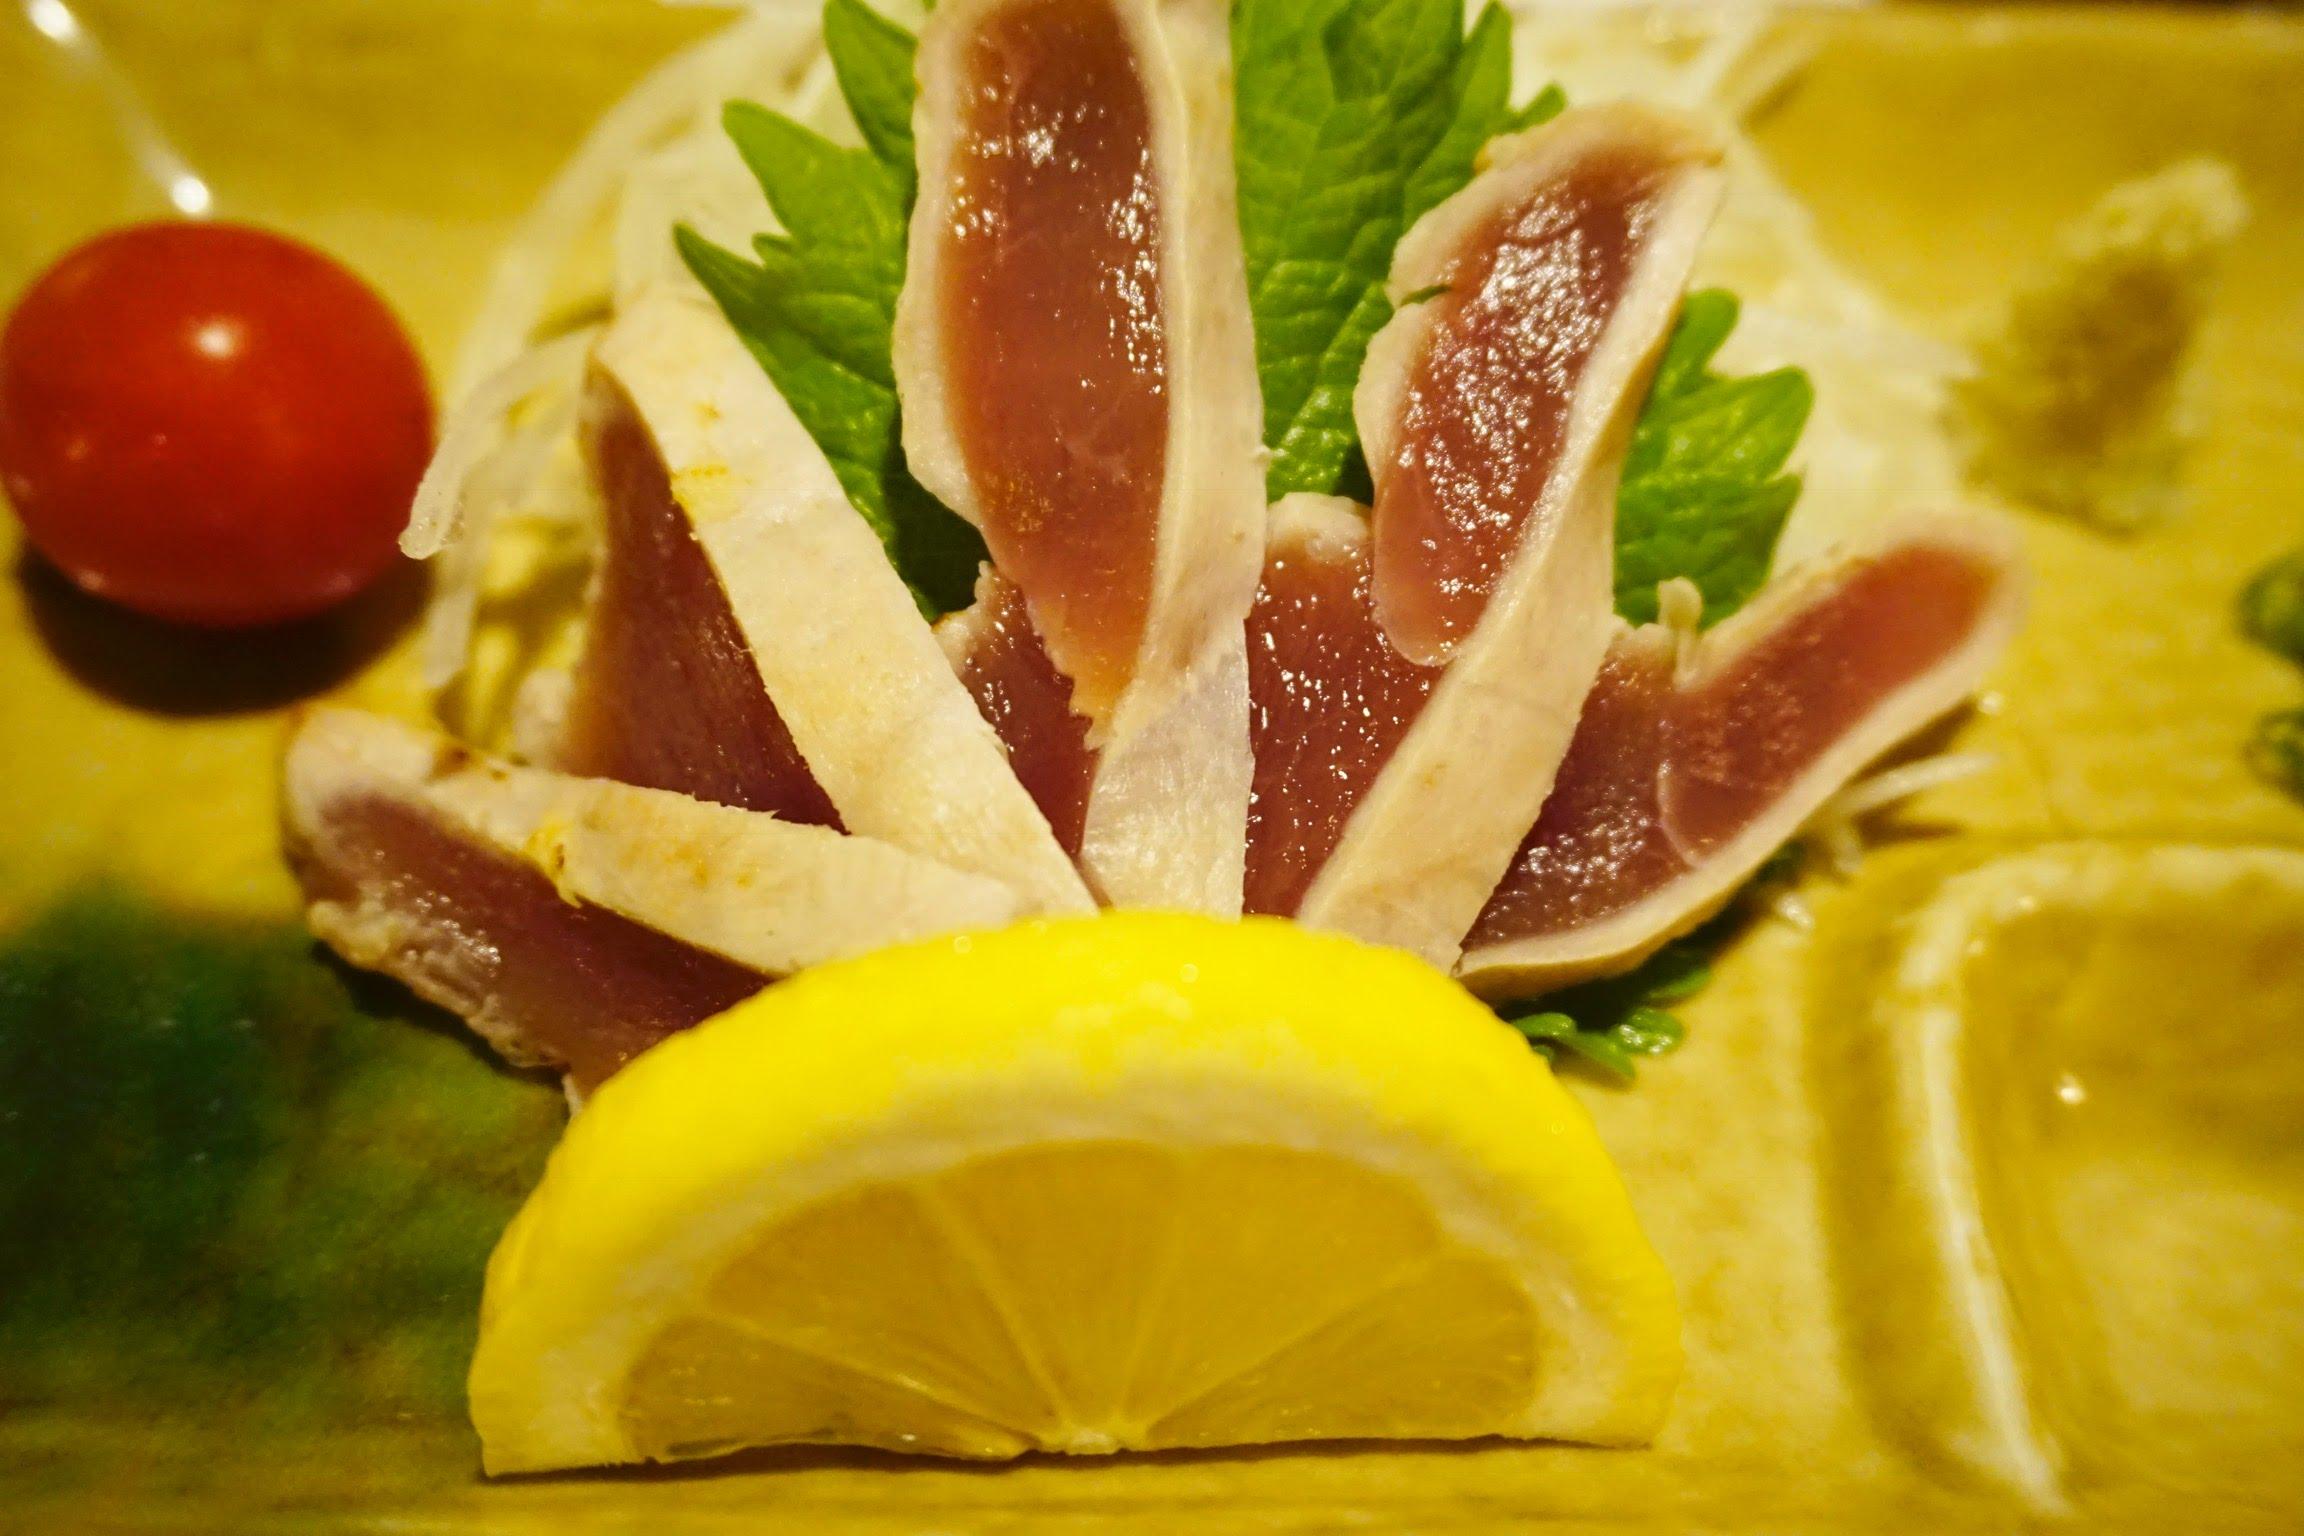 【きじの松田屋】菊池の山里にある全国でも希少な1日2組限定のキジ料理専門店